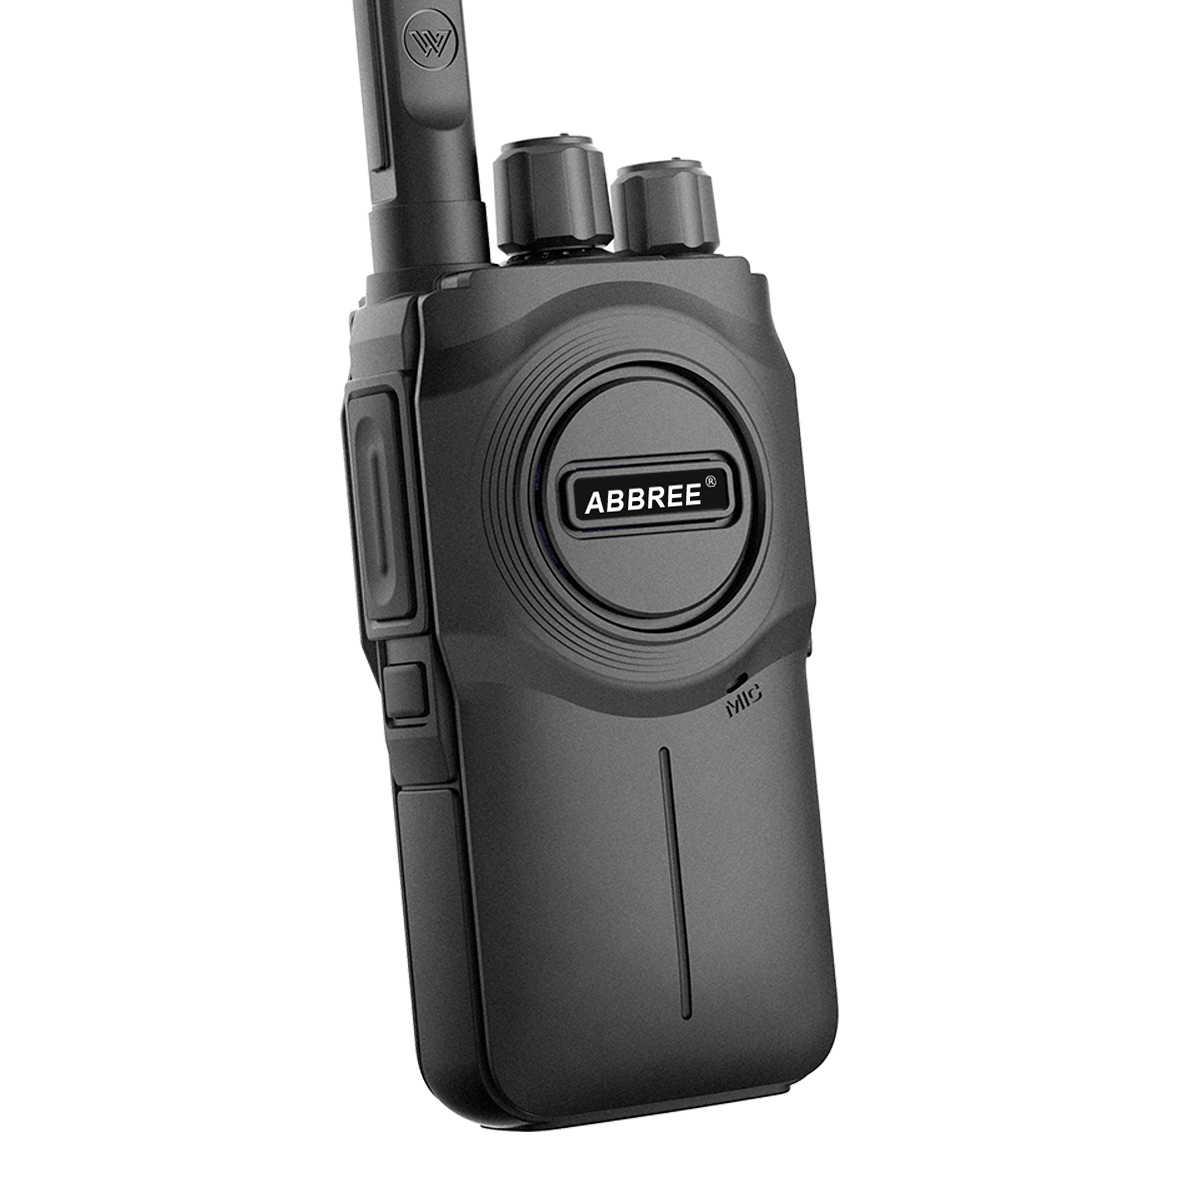 2 шт. ABBREE AR-U1 мини-рация Портативная радиостанция двухстороннее радио uhf band 400-480 МГц Любительское радио BF-888S UV-5R